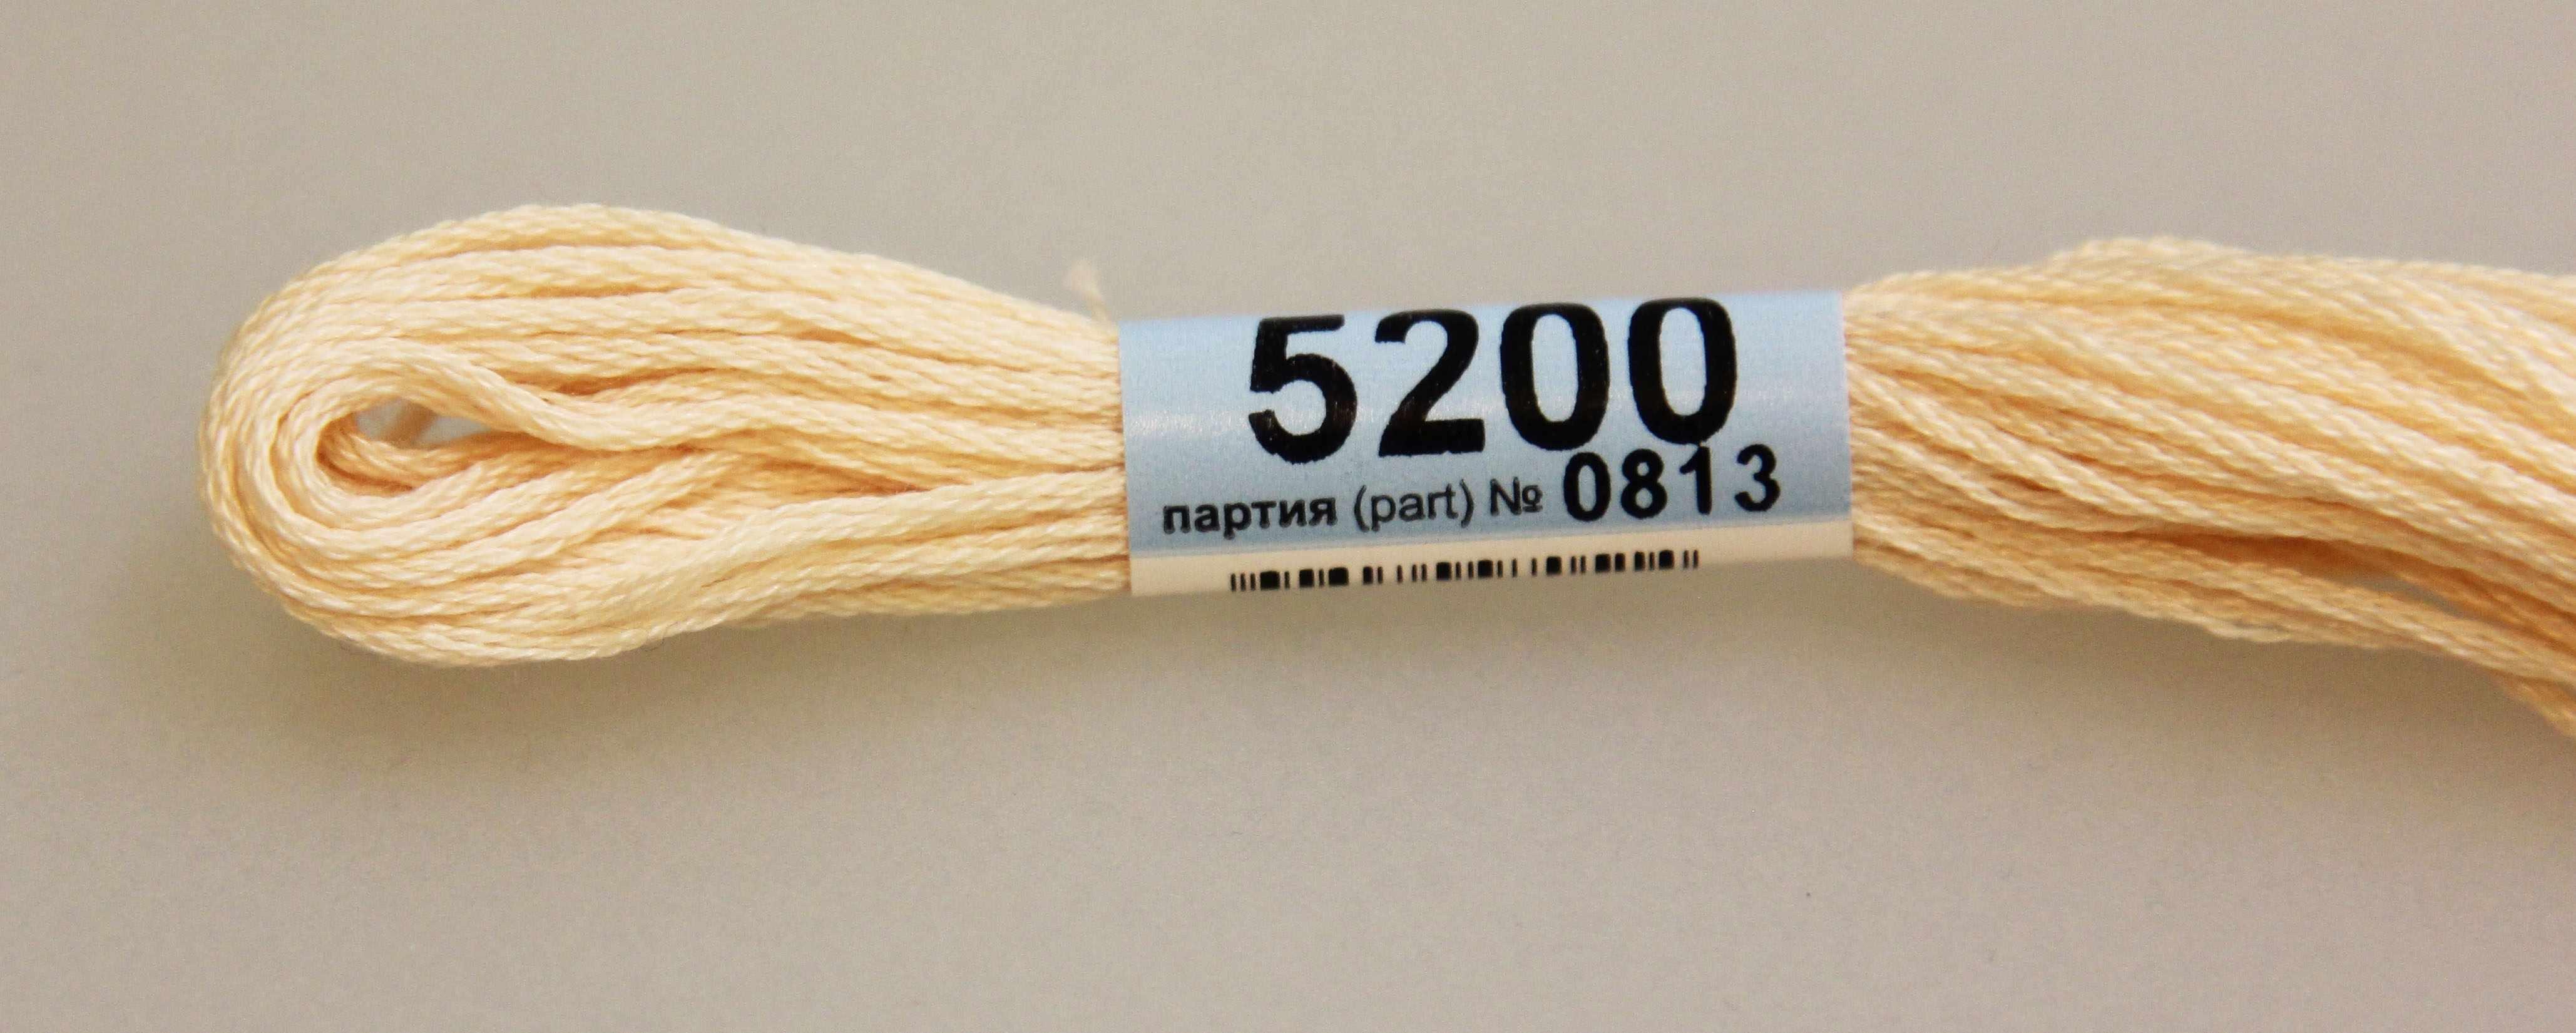 5200 (Гамма)